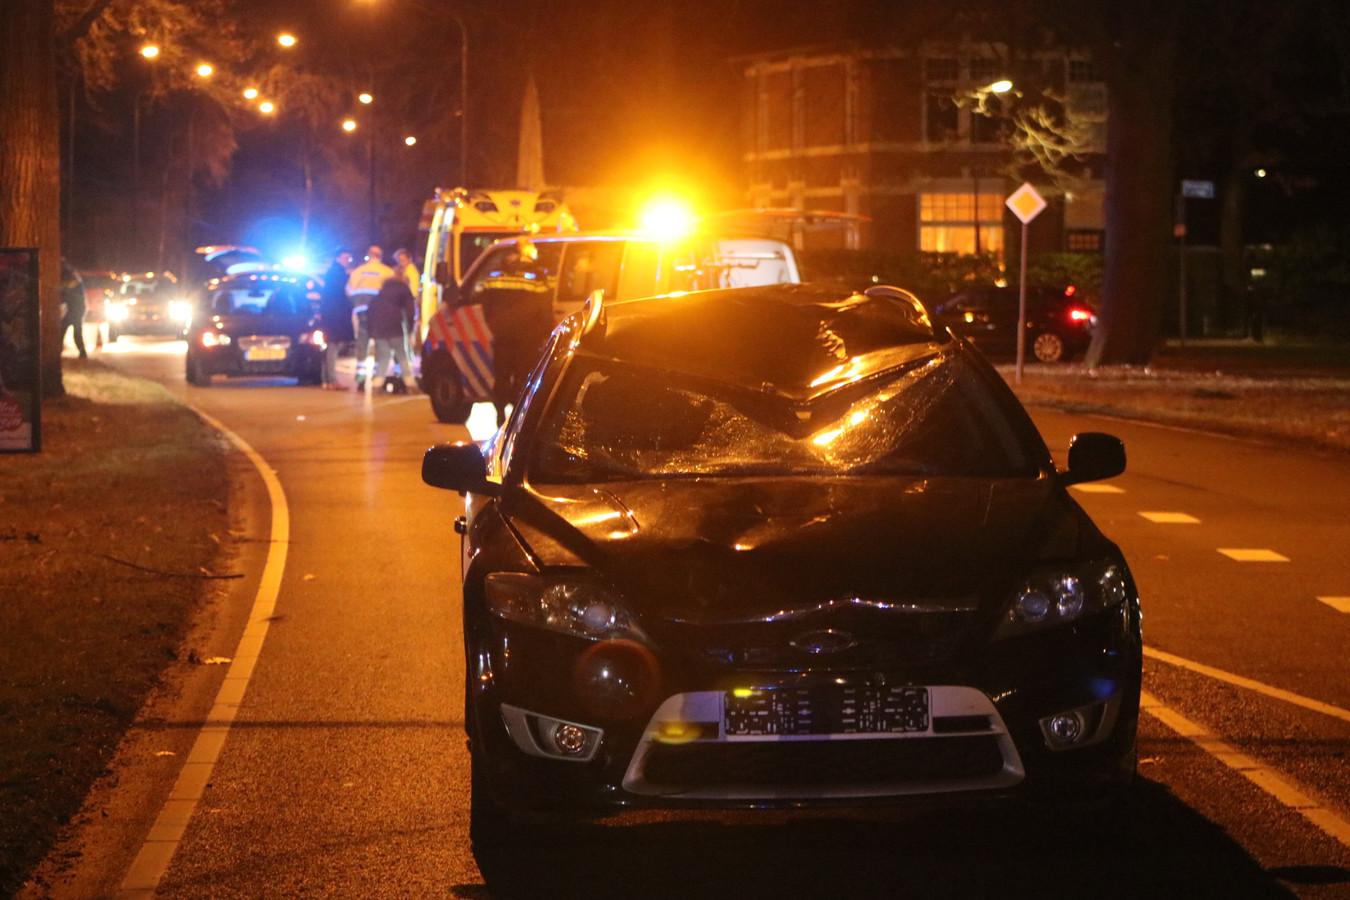 Een 18-jarige fietser kwam om het leven bij het ongeluk in Apeldoorn.